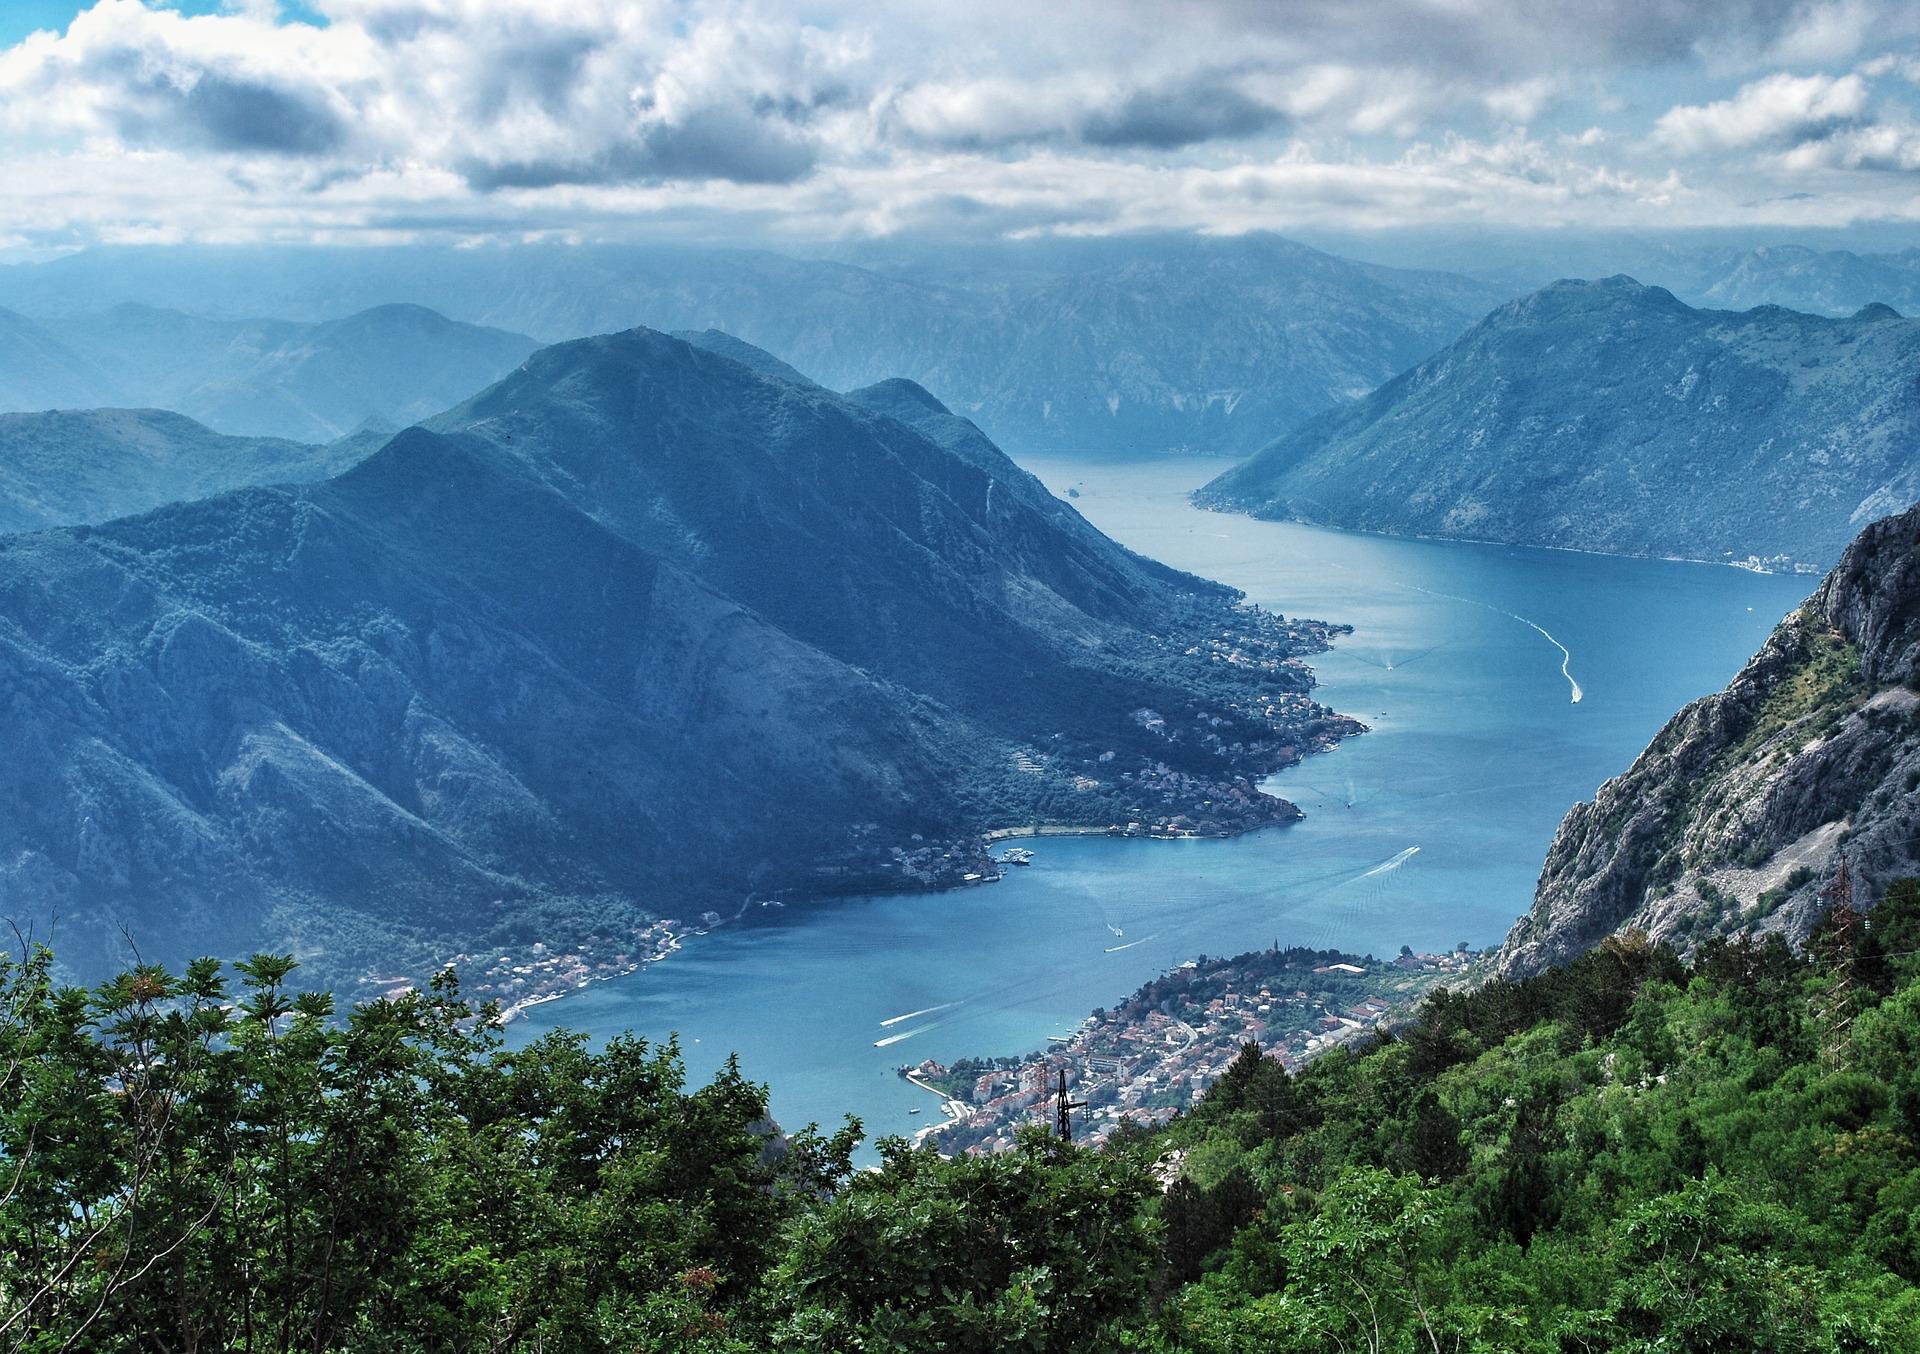 Kotor, Montenegro | Het 3e gevaarlijkste land in Europa